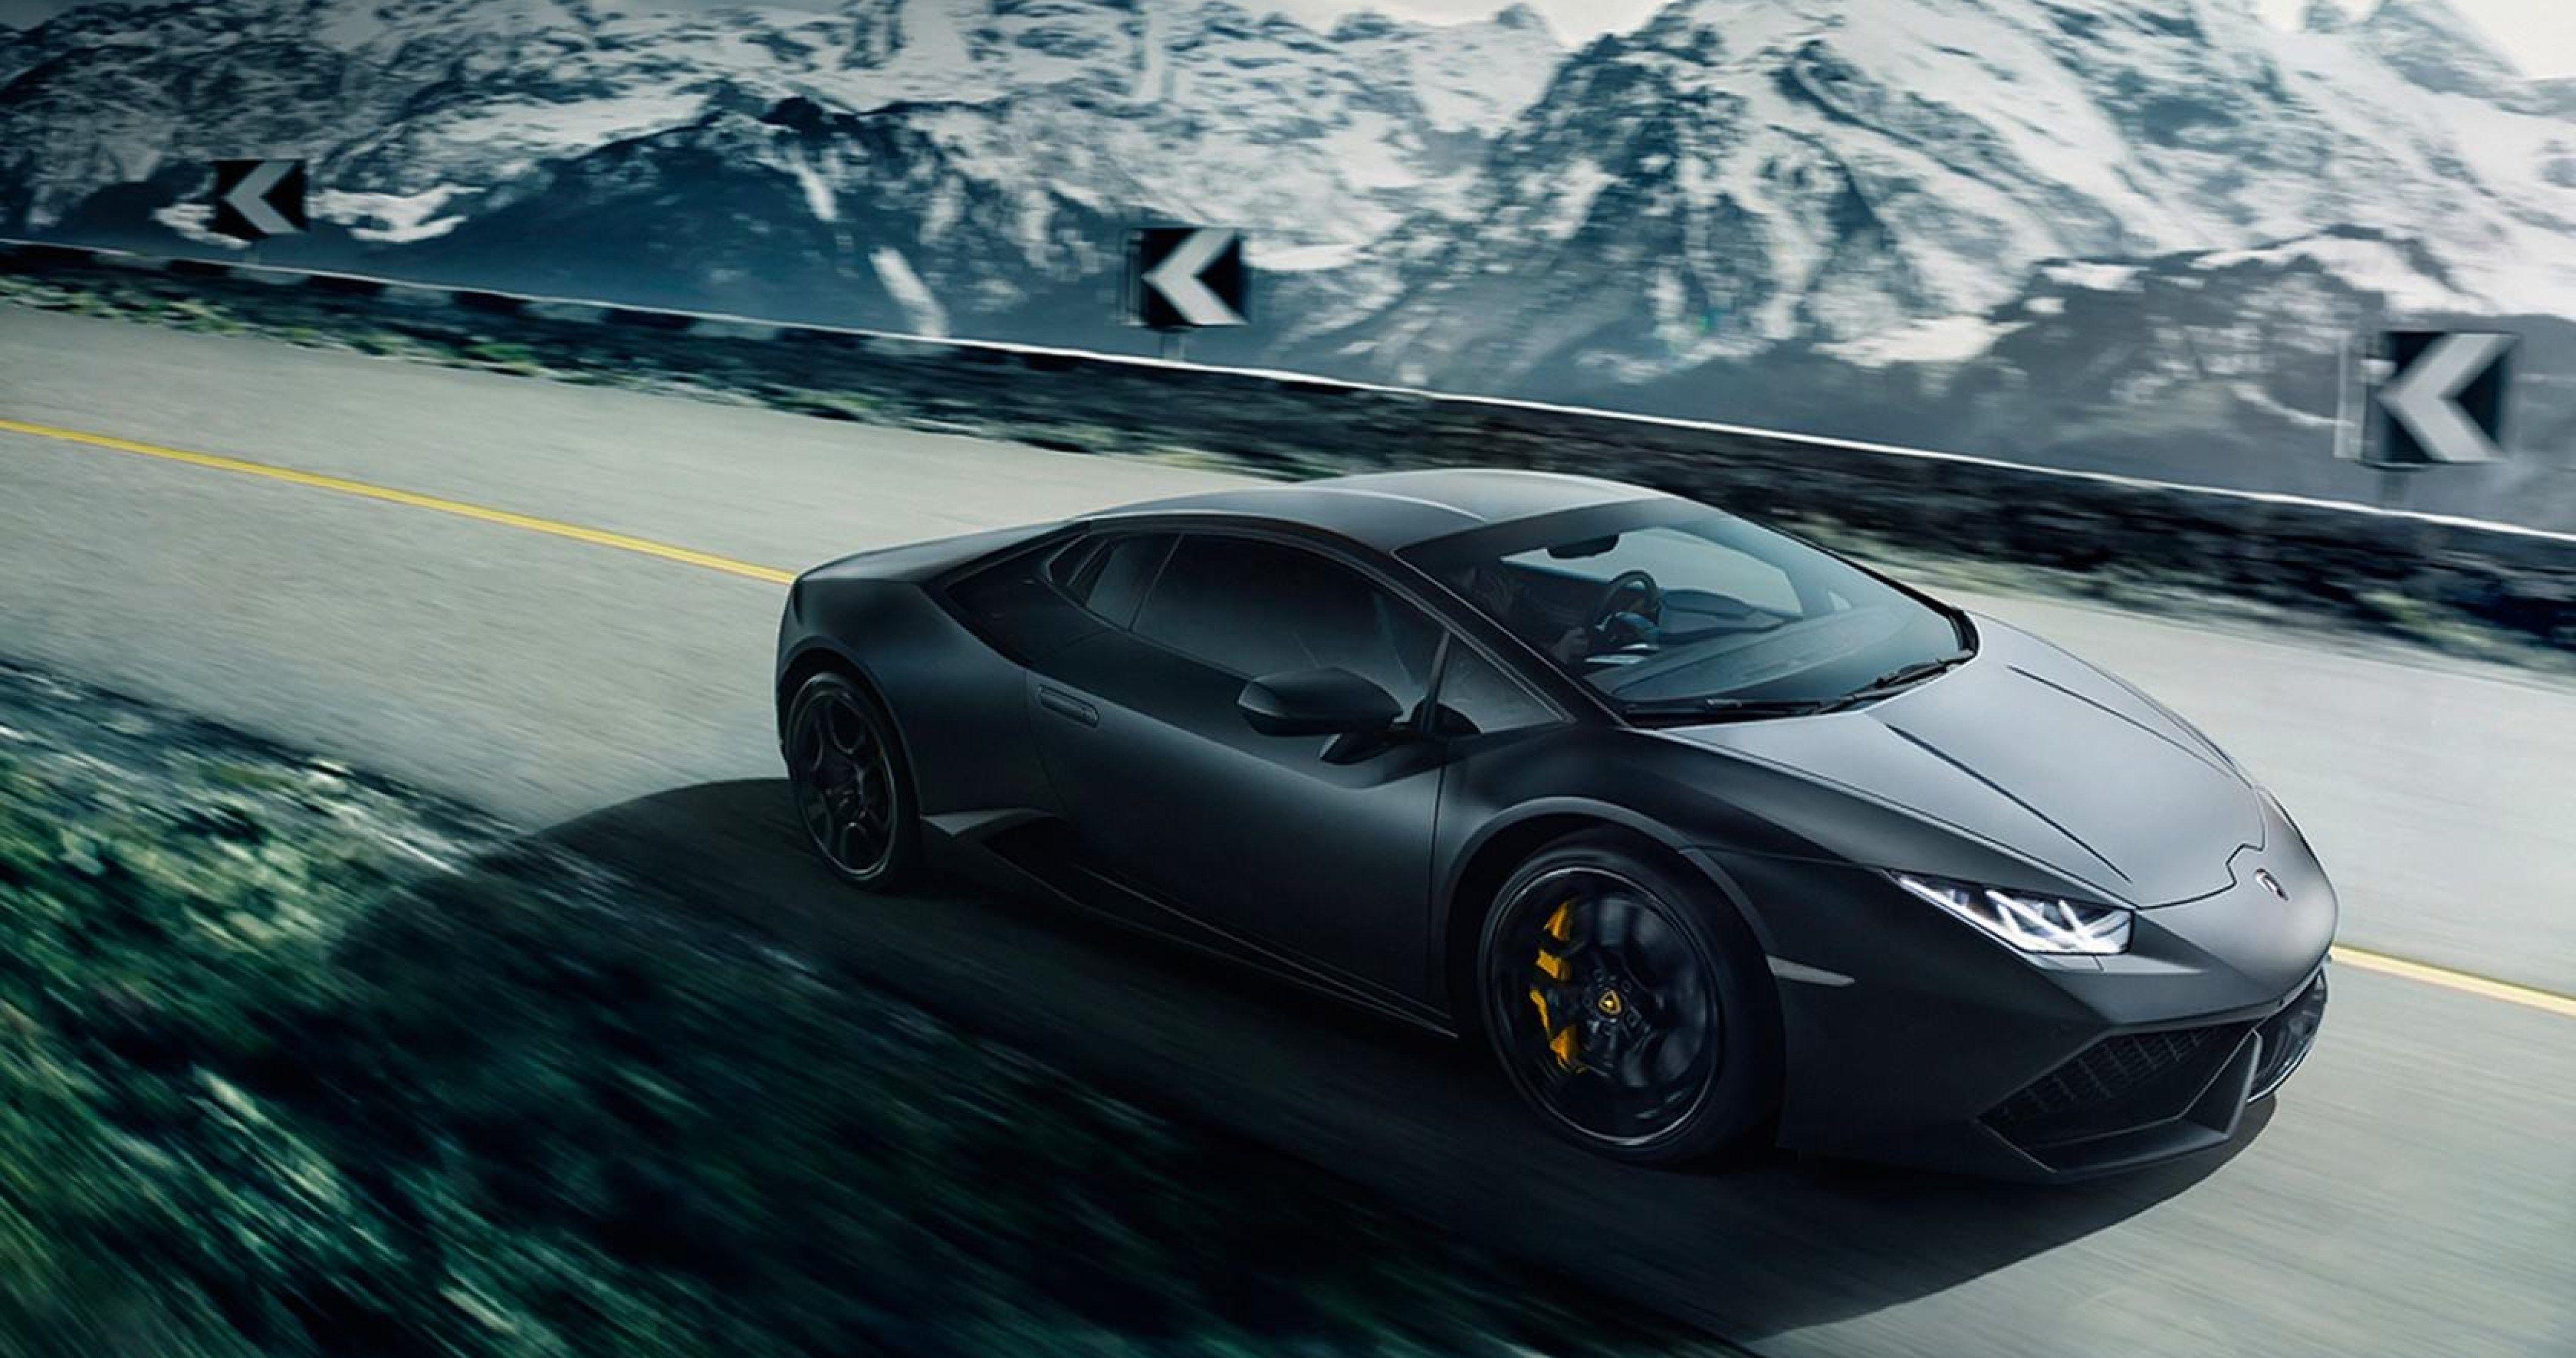 Black Lamborghini Huracan Lp640 4 4k Ultra Hd Wallpaper